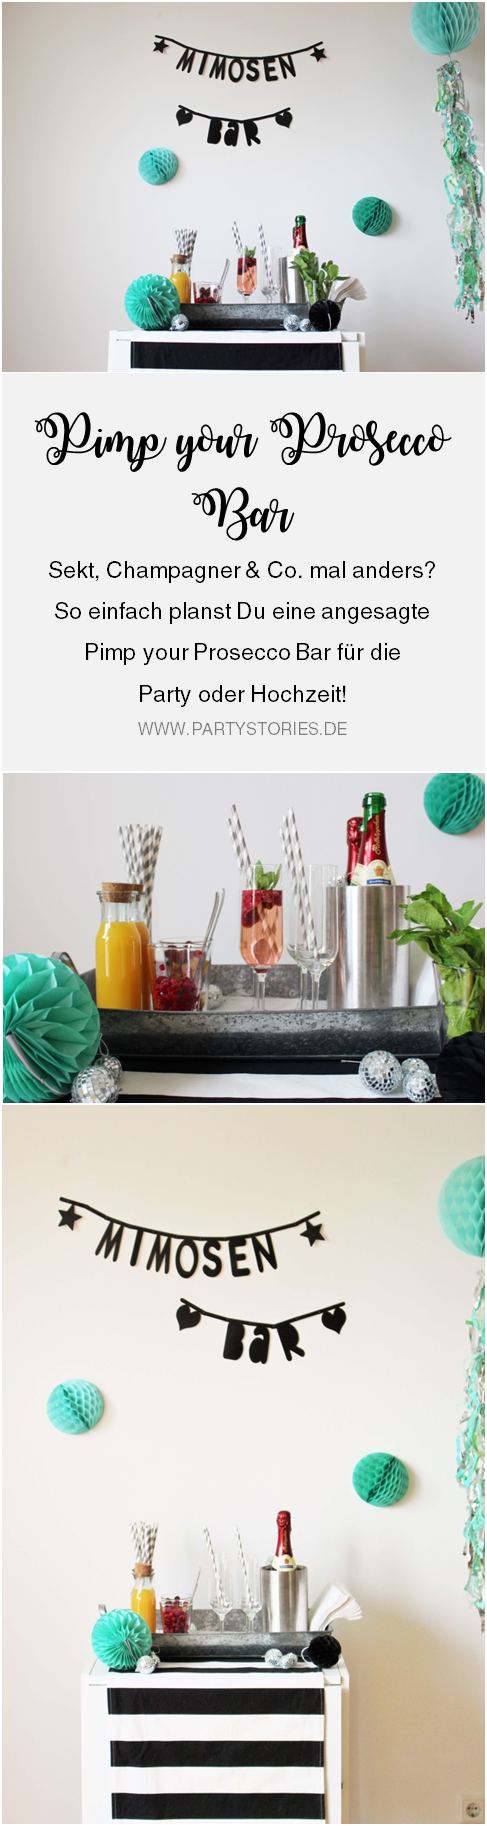 Bild: Ideen und Tipps für Sekt mal anders, als Sektbar oder Pimp-your-Prosecco Getränkestation für die Party und Hochzeit, gefunden auf Partystories.de